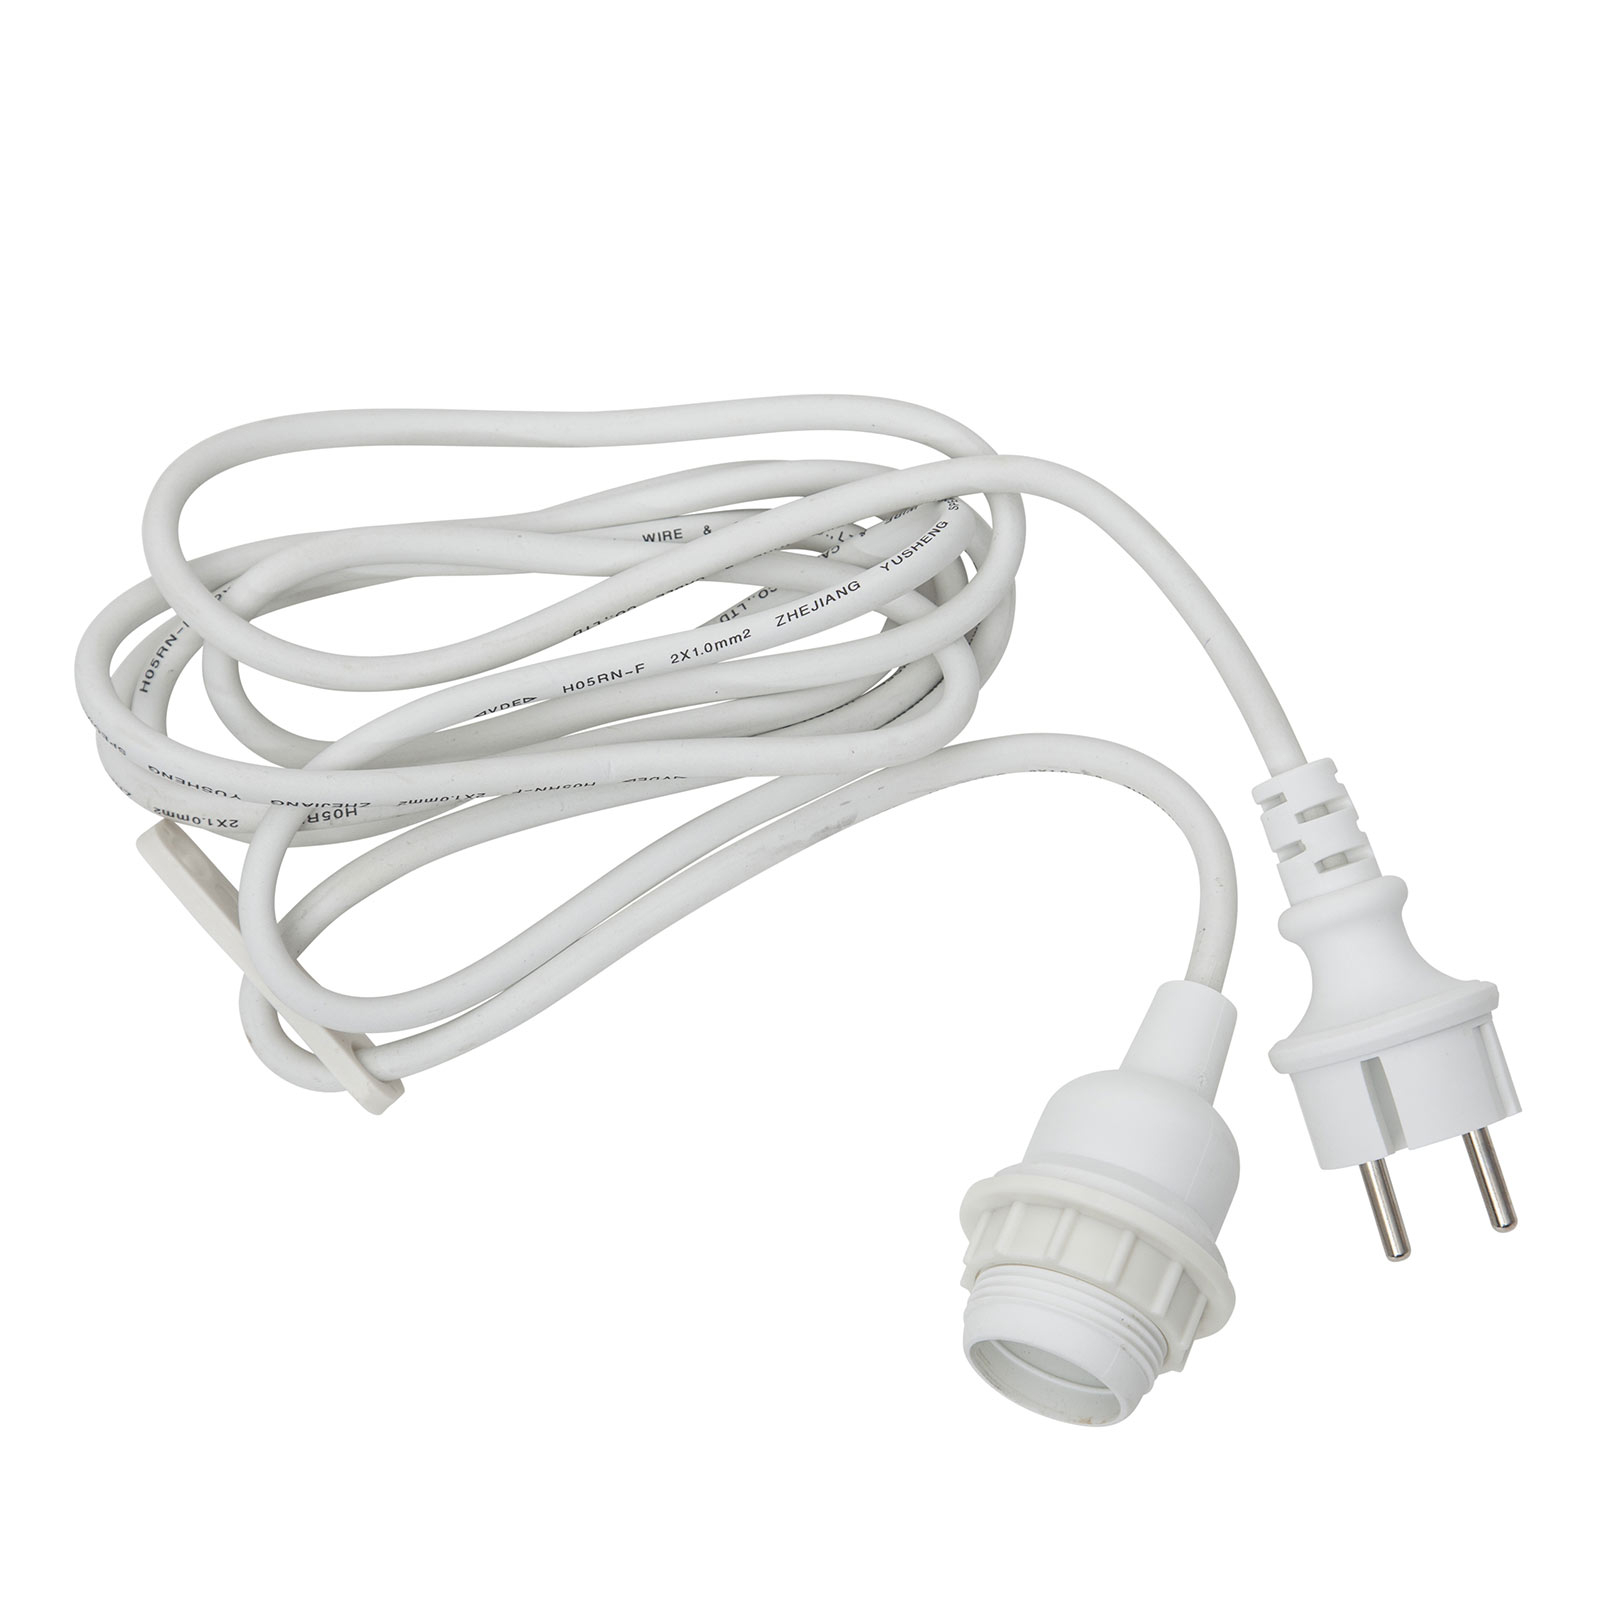 Douille E27 avec câble Ute, 2,5m, blanche